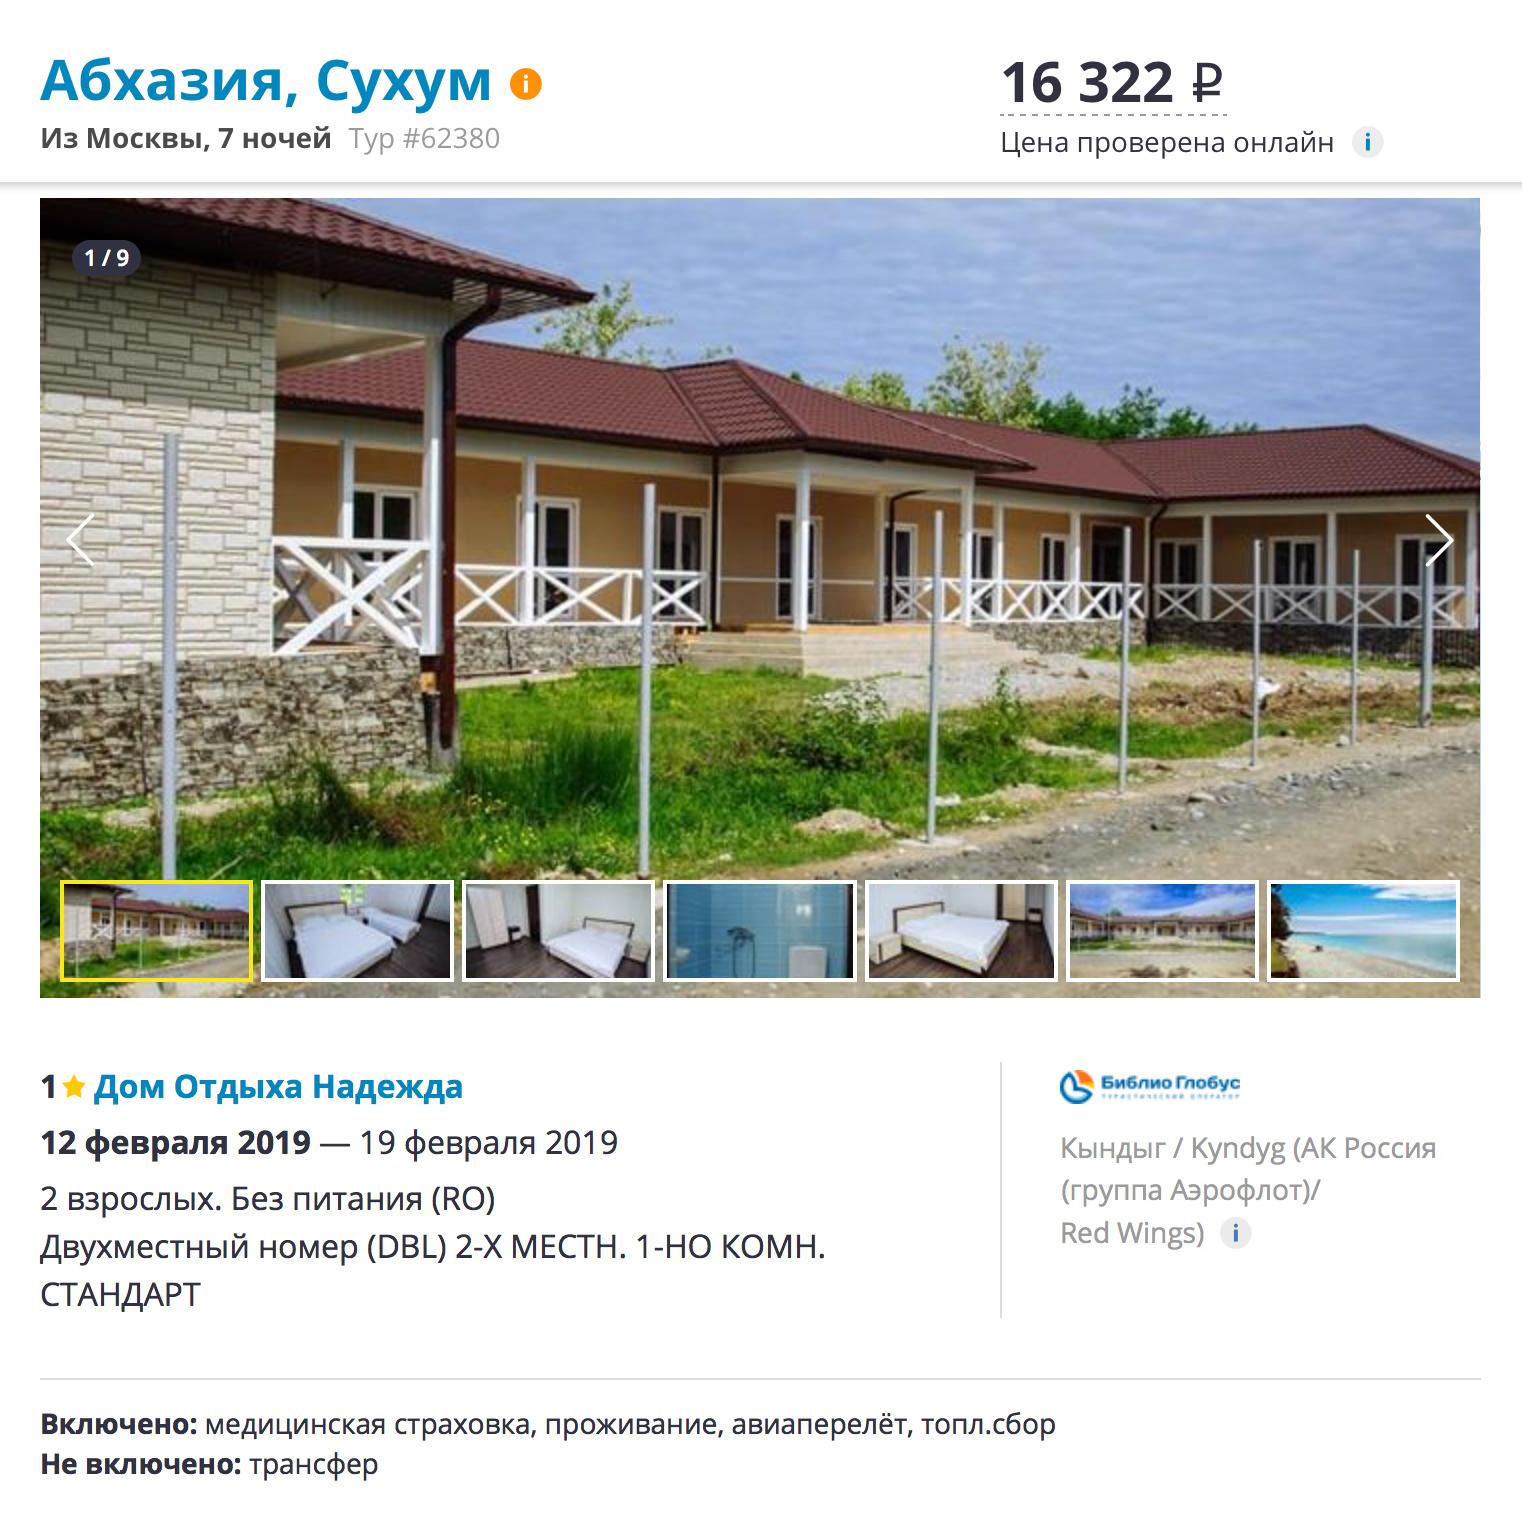 Пакетный тур на неделю с перелетом и жильем обойдется в 16 000<span class=ruble>Р</span> на двоих. Это обычная цена для зимы